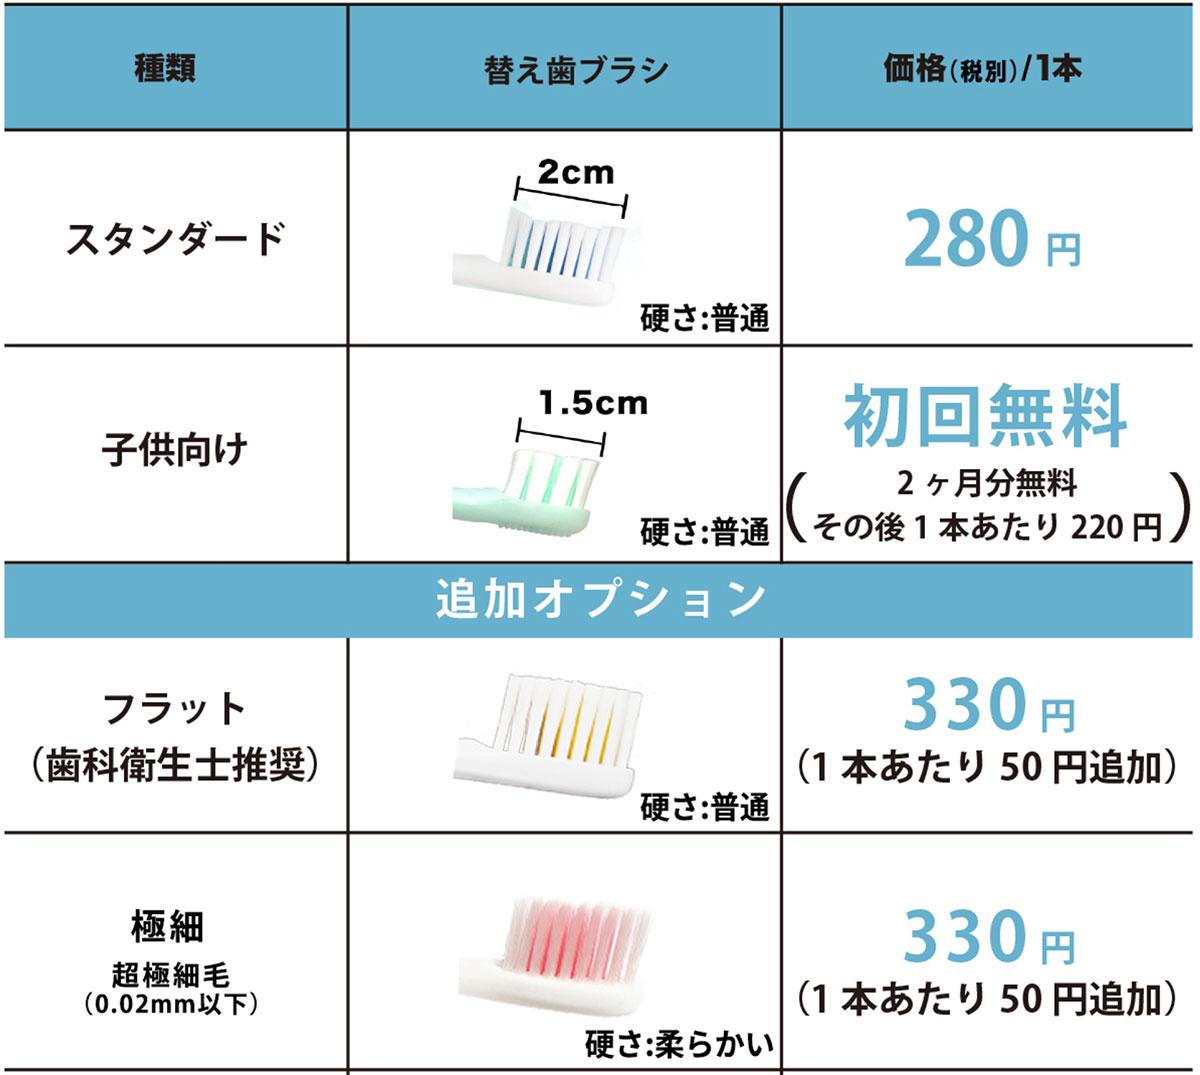 替え歯ブラシに豊富なオプションがある